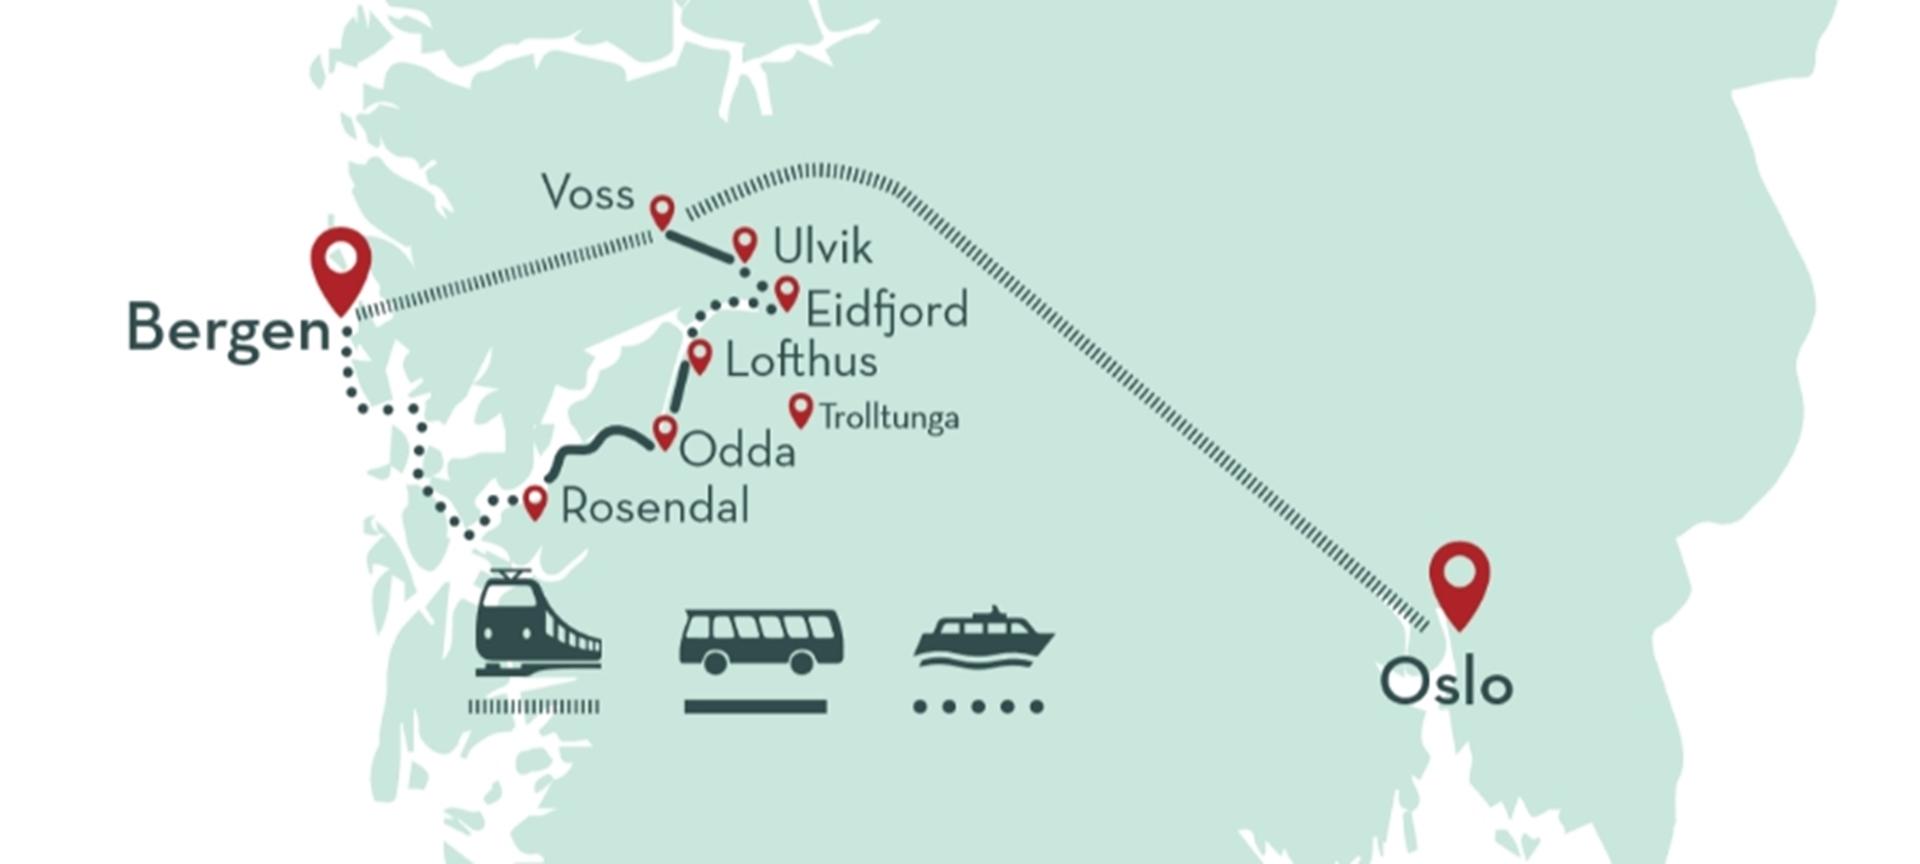 Hardangerfjord in a nutshell map